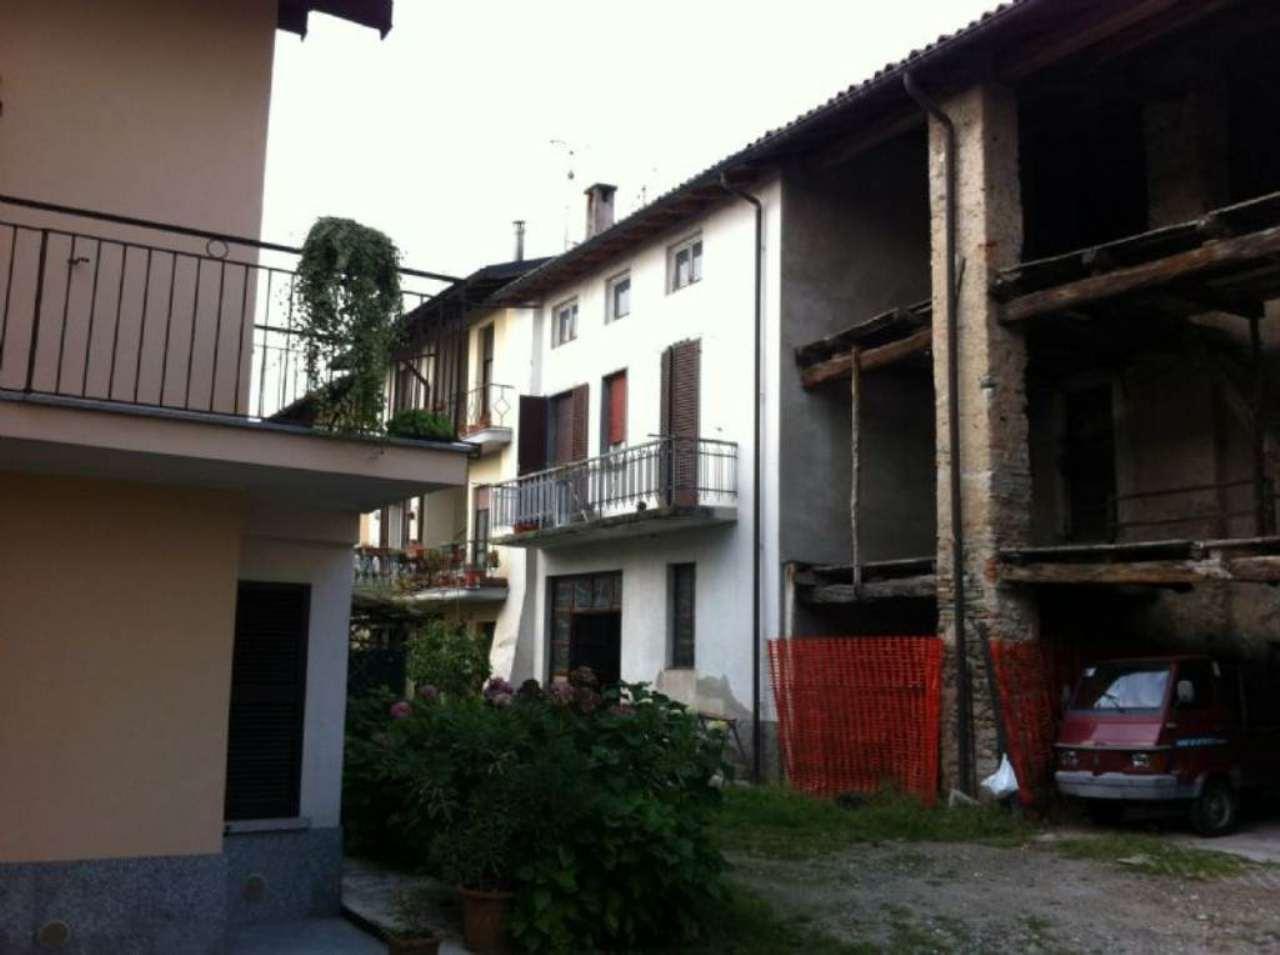 Rustico / Casale in vendita a Gavirate, 9999 locali, prezzo € 65.000 | Cambio Casa.it